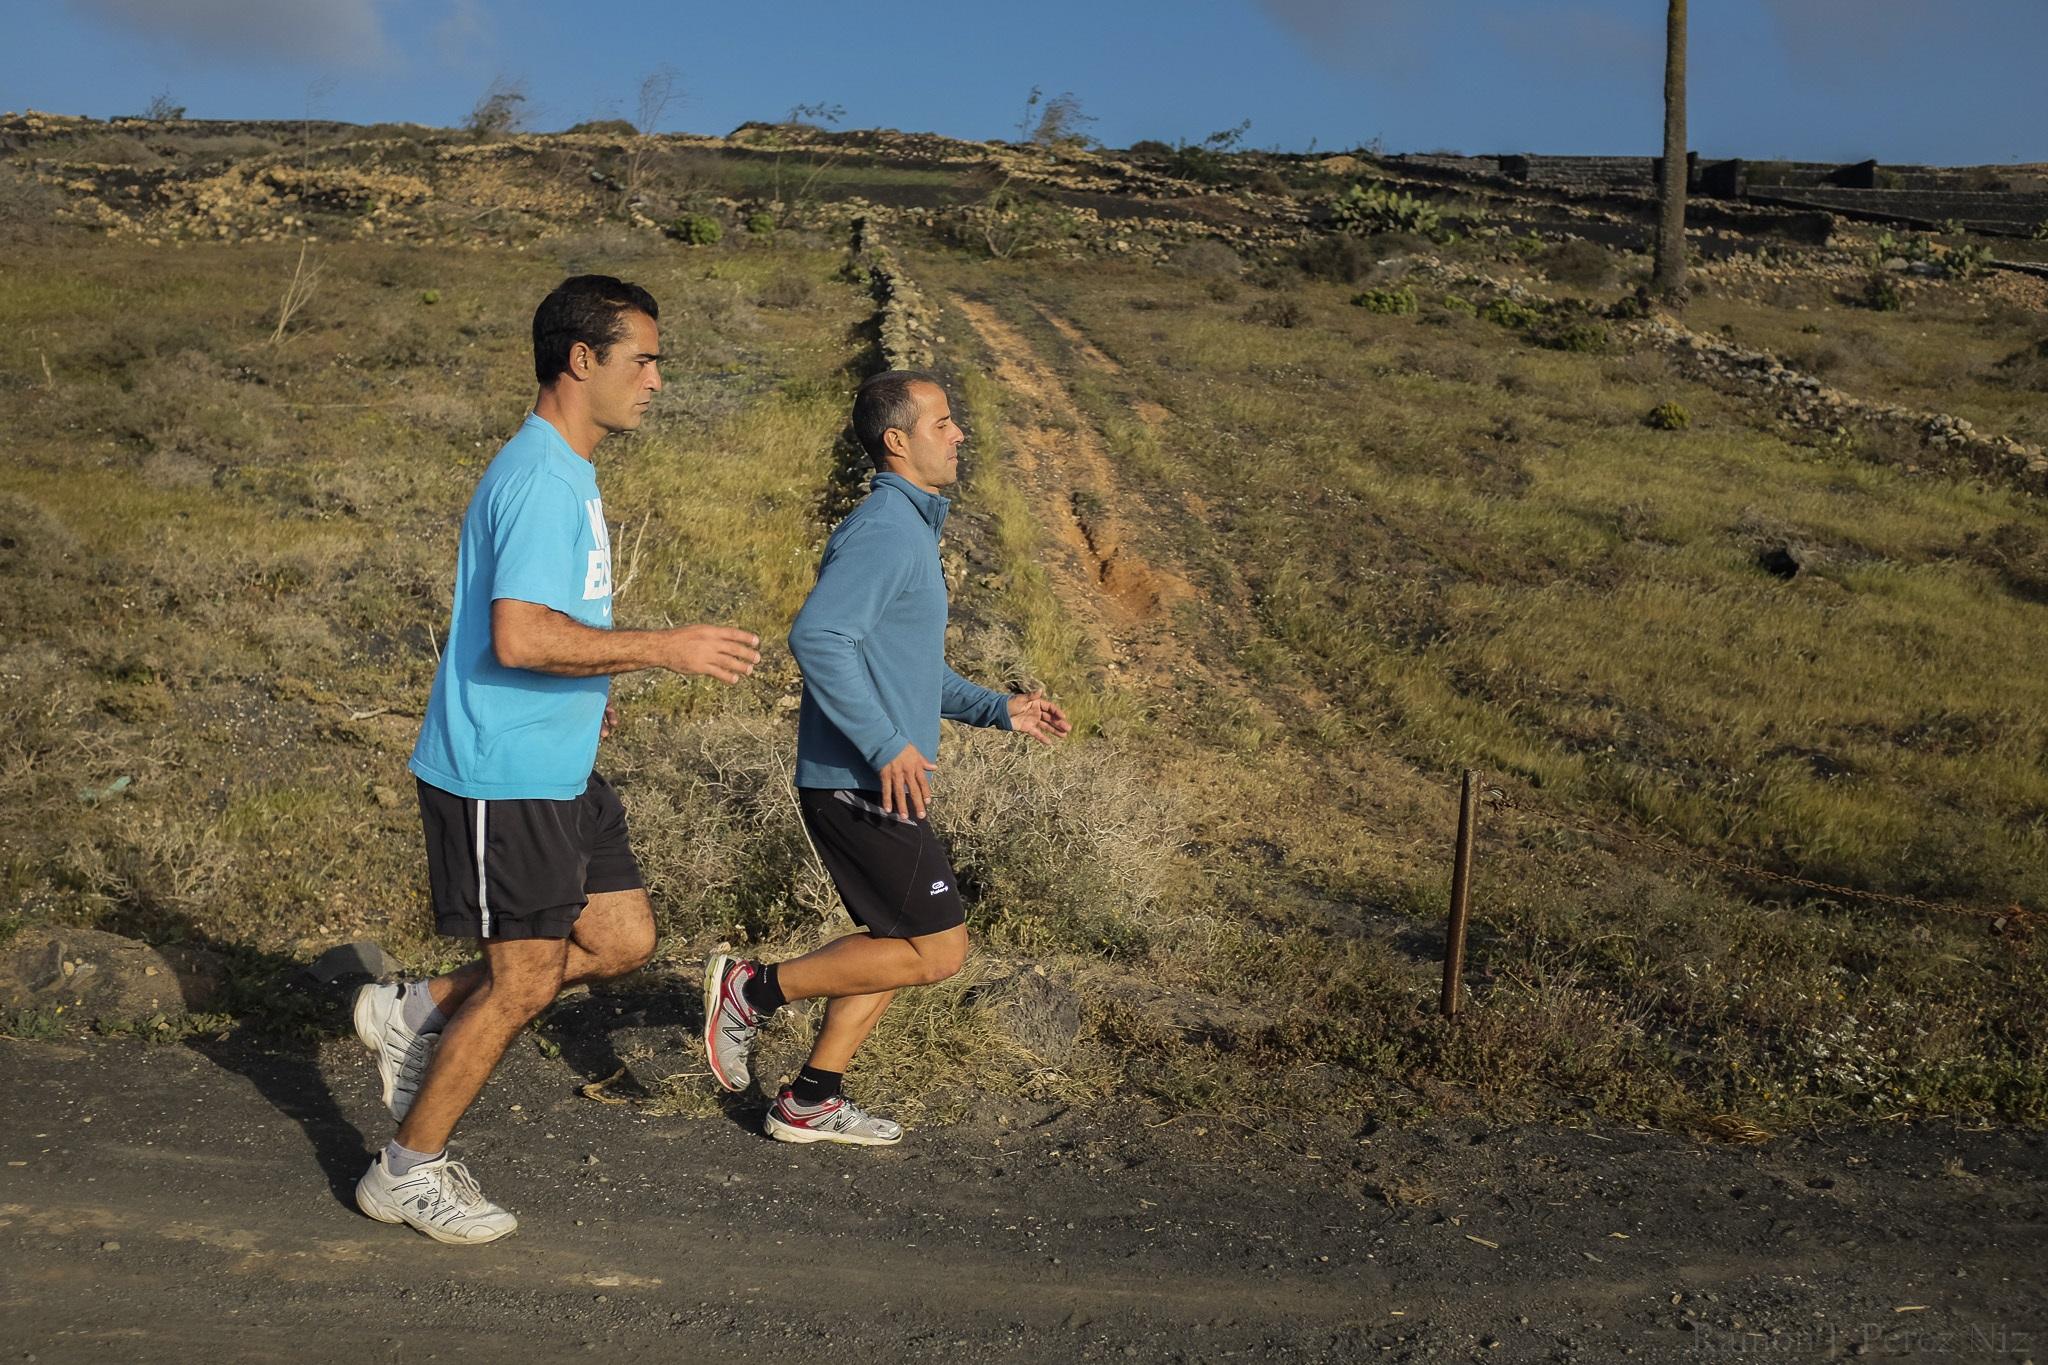 Trails se hace corriendo. Aquí el autor, Luis Arencibia, en plena faena